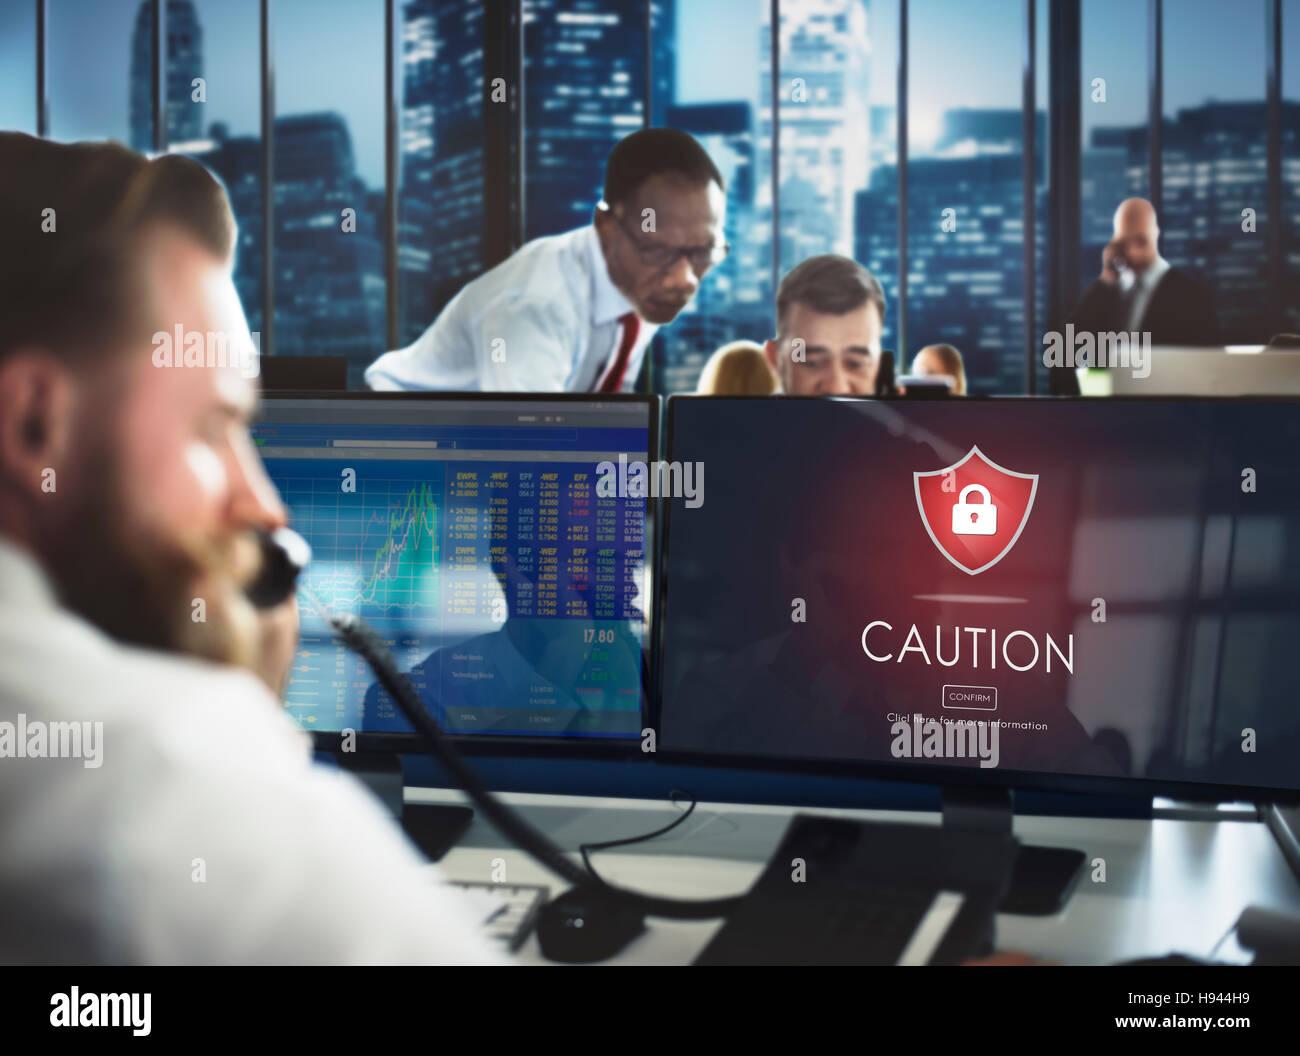 Vorsicht Vorsicht gefährlicher Hacker Konzept Stockfoto